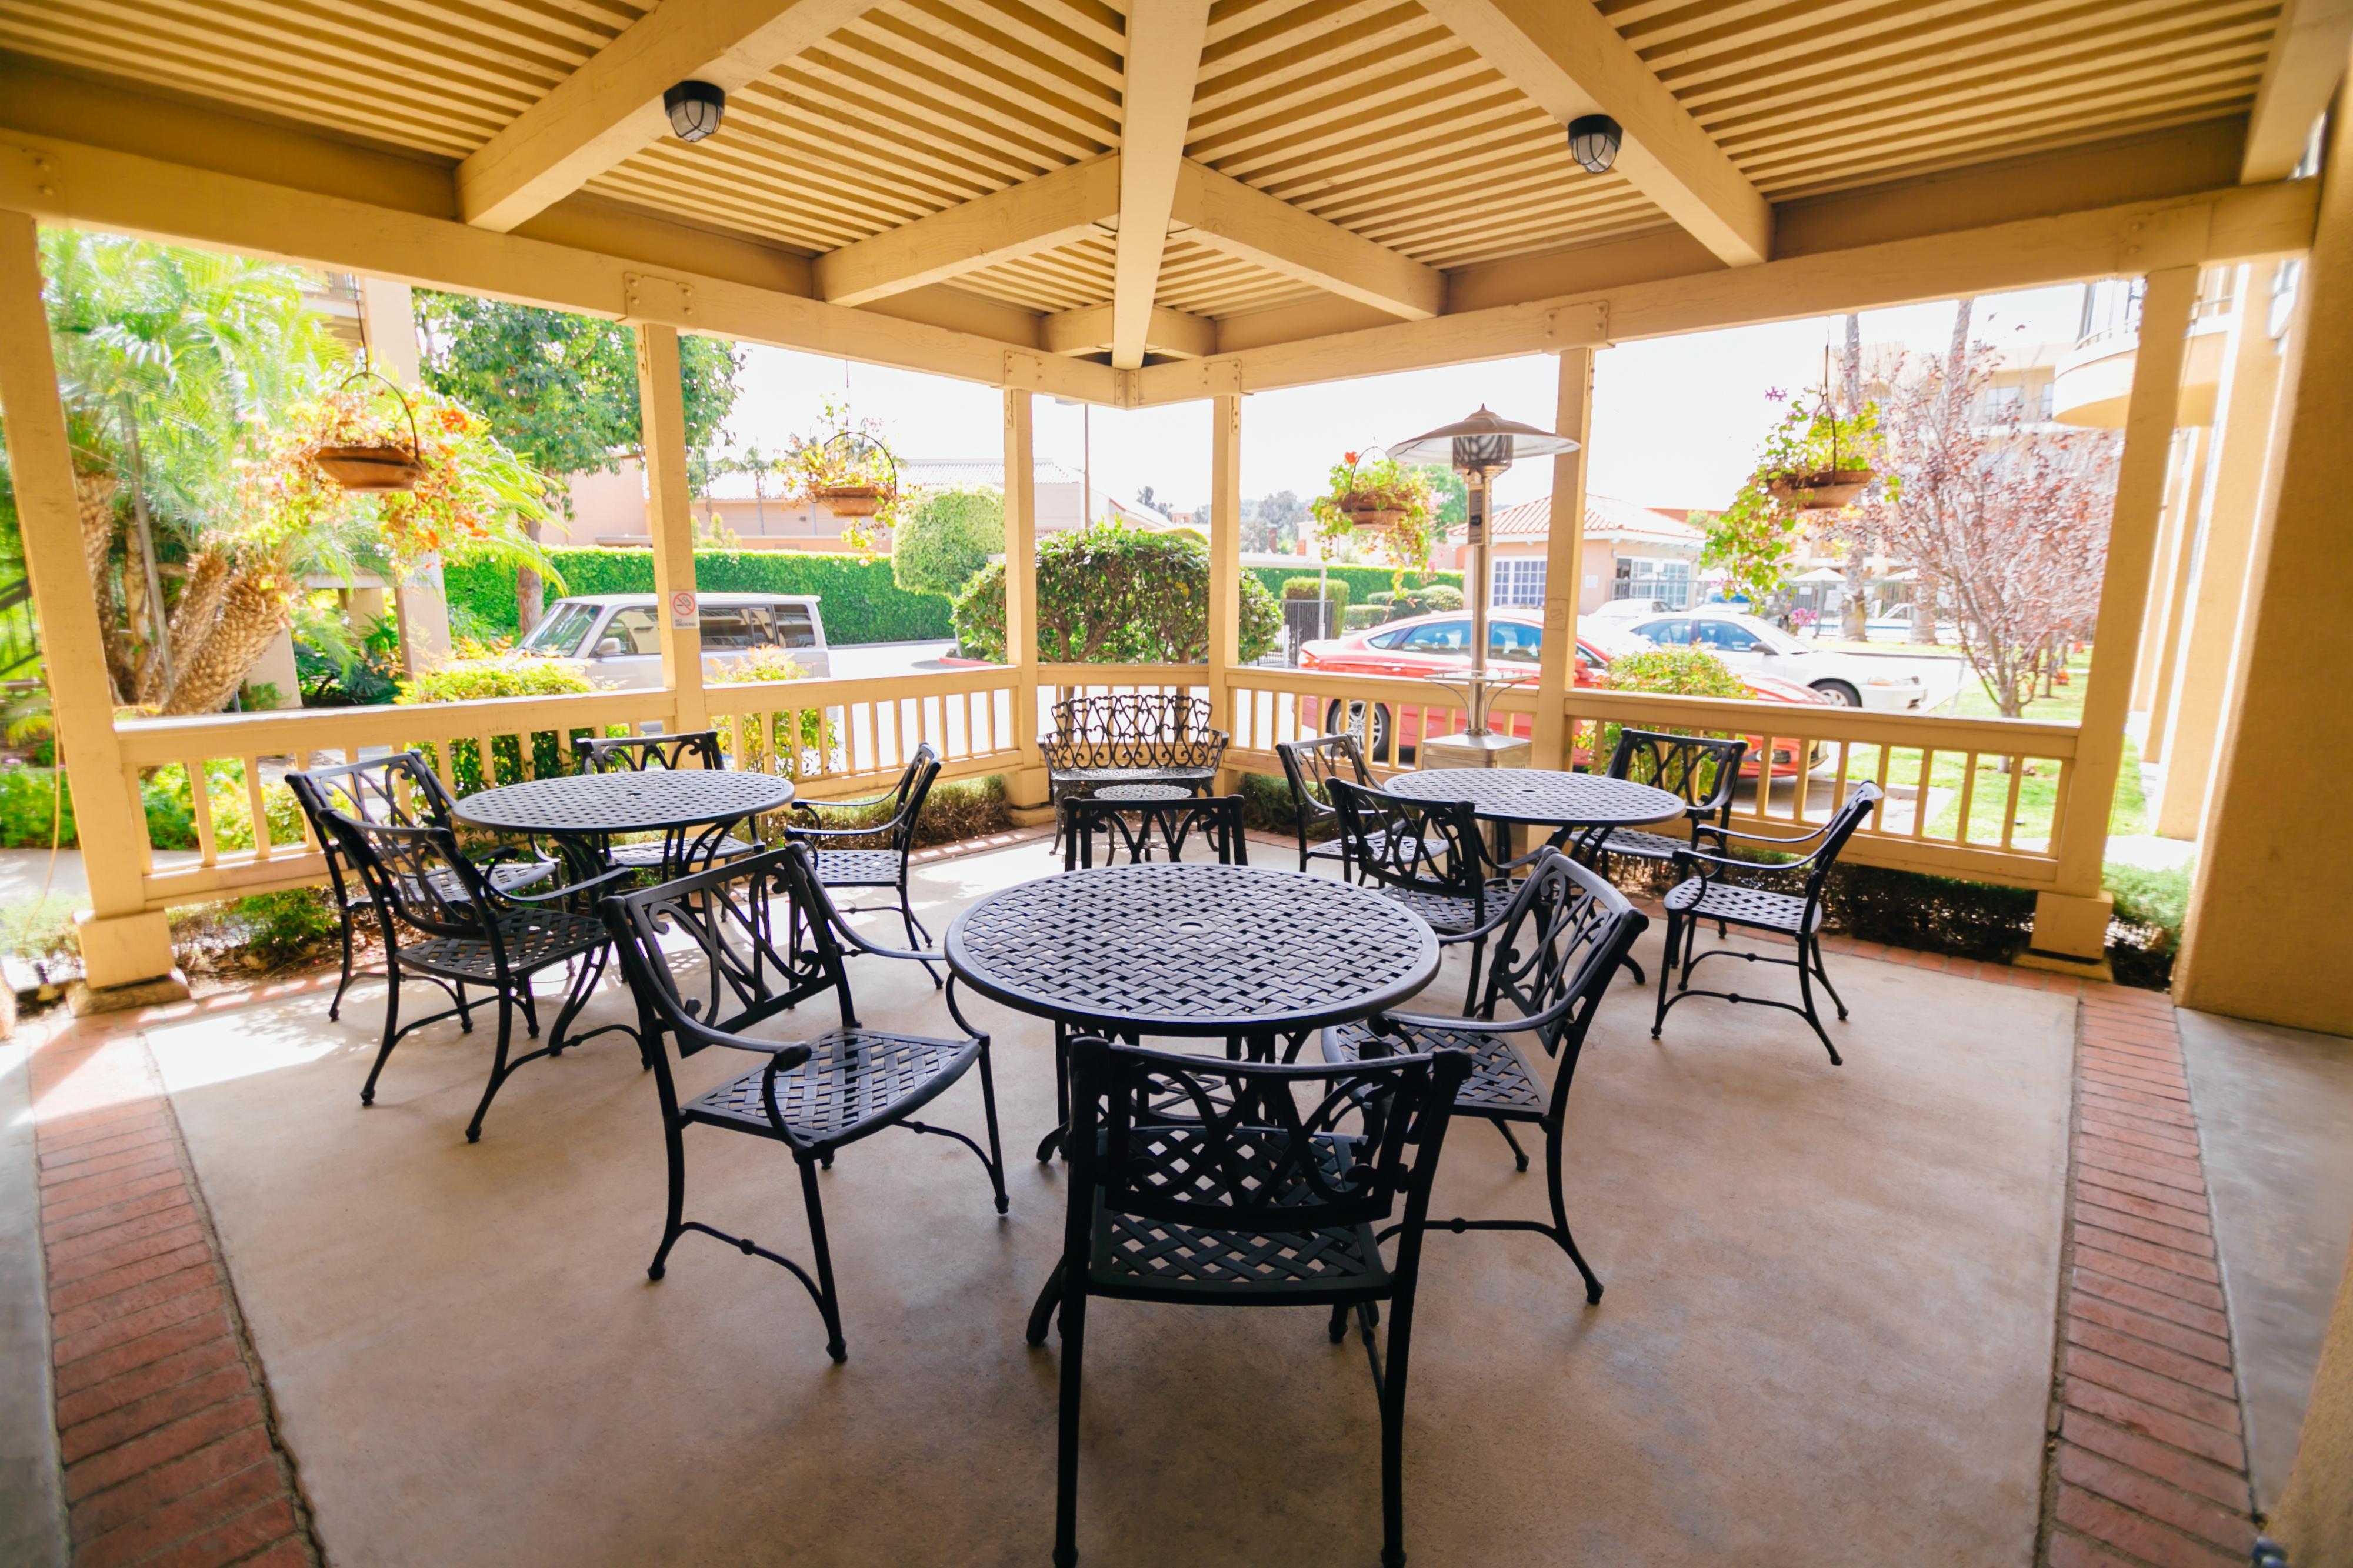 Fairfield Inn by Marriott Anaheim Hills Orange County image 15